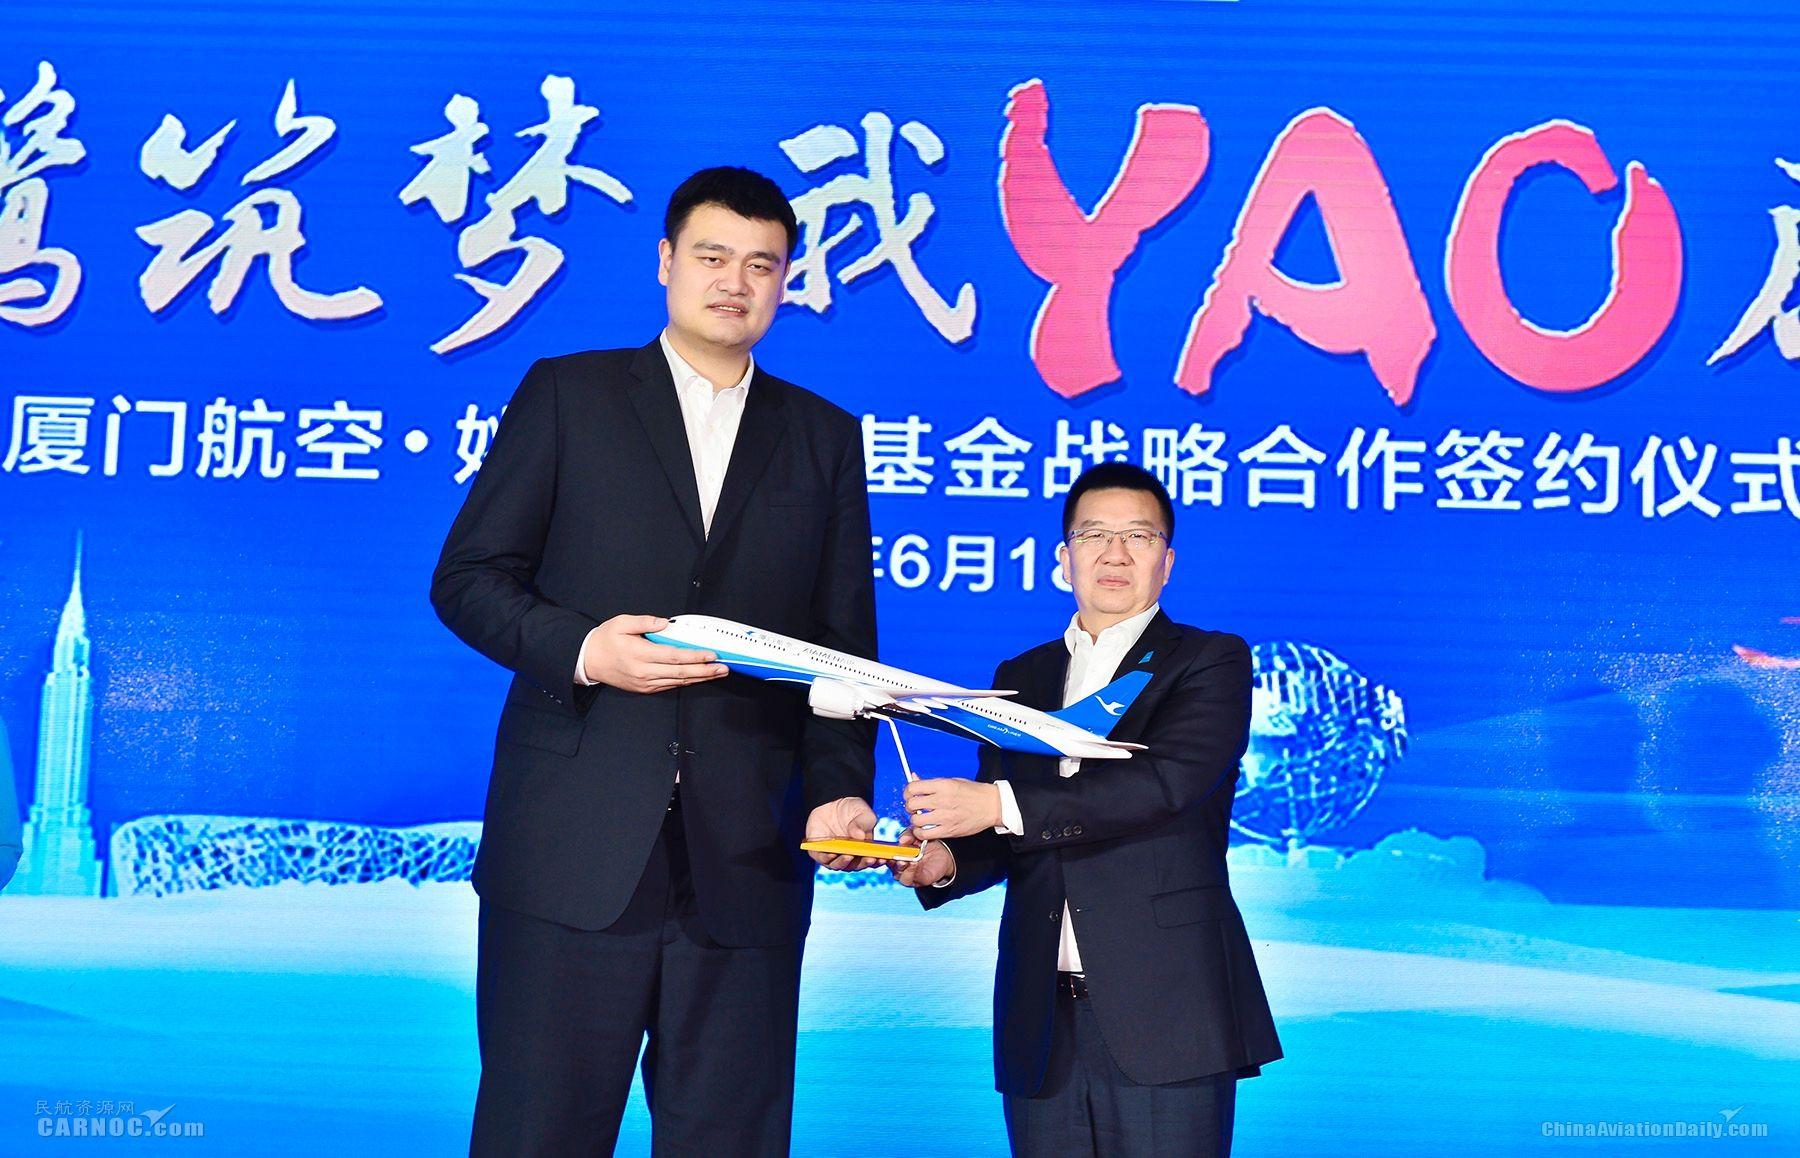 厦航总经理赵东向姚基金创始人姚明赠送礼物。